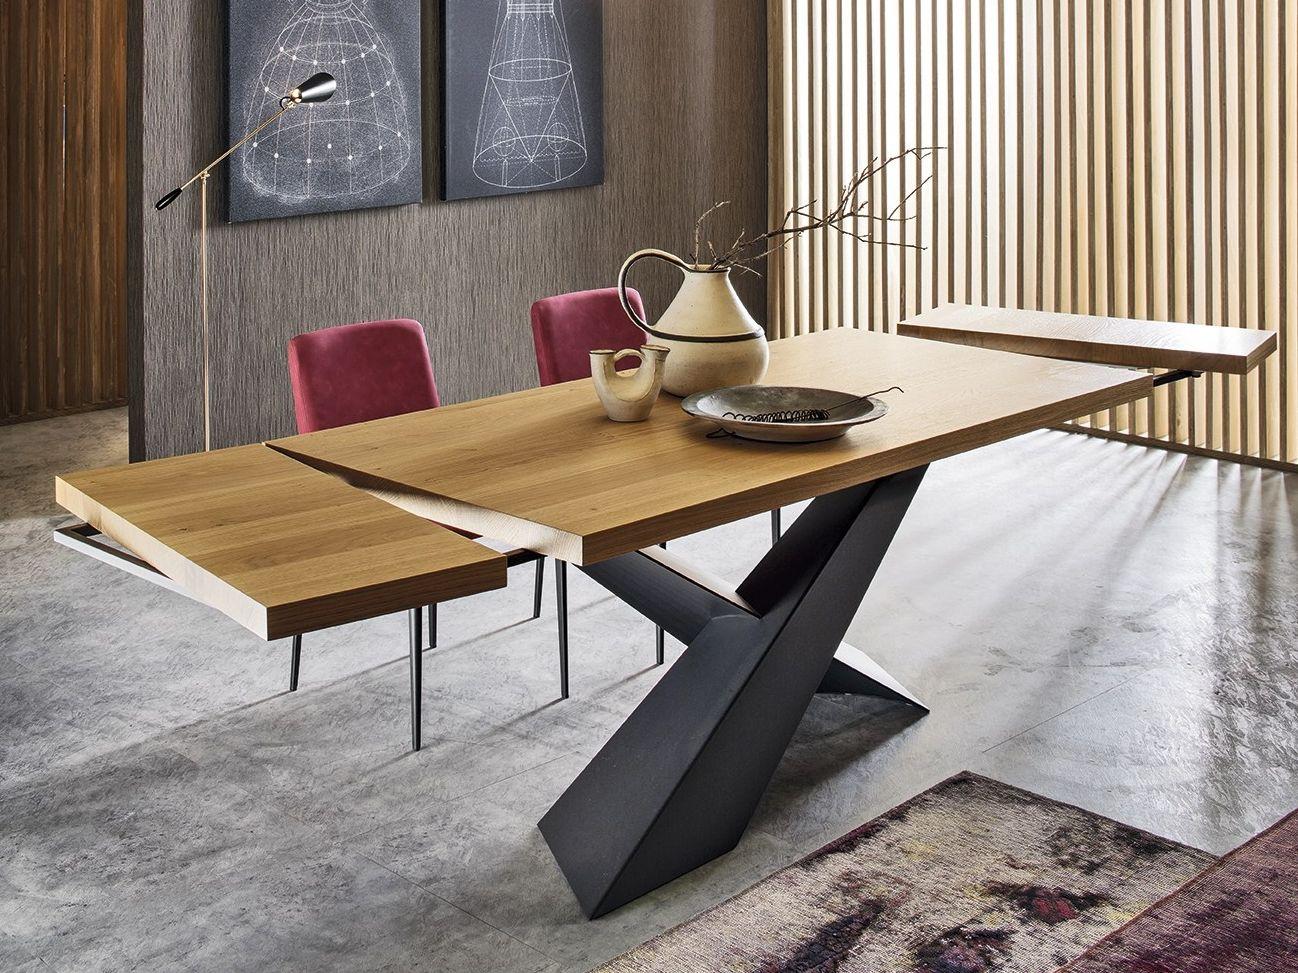 Tavolo Da Pranzo Rettangolare In Legno Living Grafite Rovere Miele Collezione Living By Riflessi Tavolo Moderno Tavolo Da Pranzo Moderno Tavoli